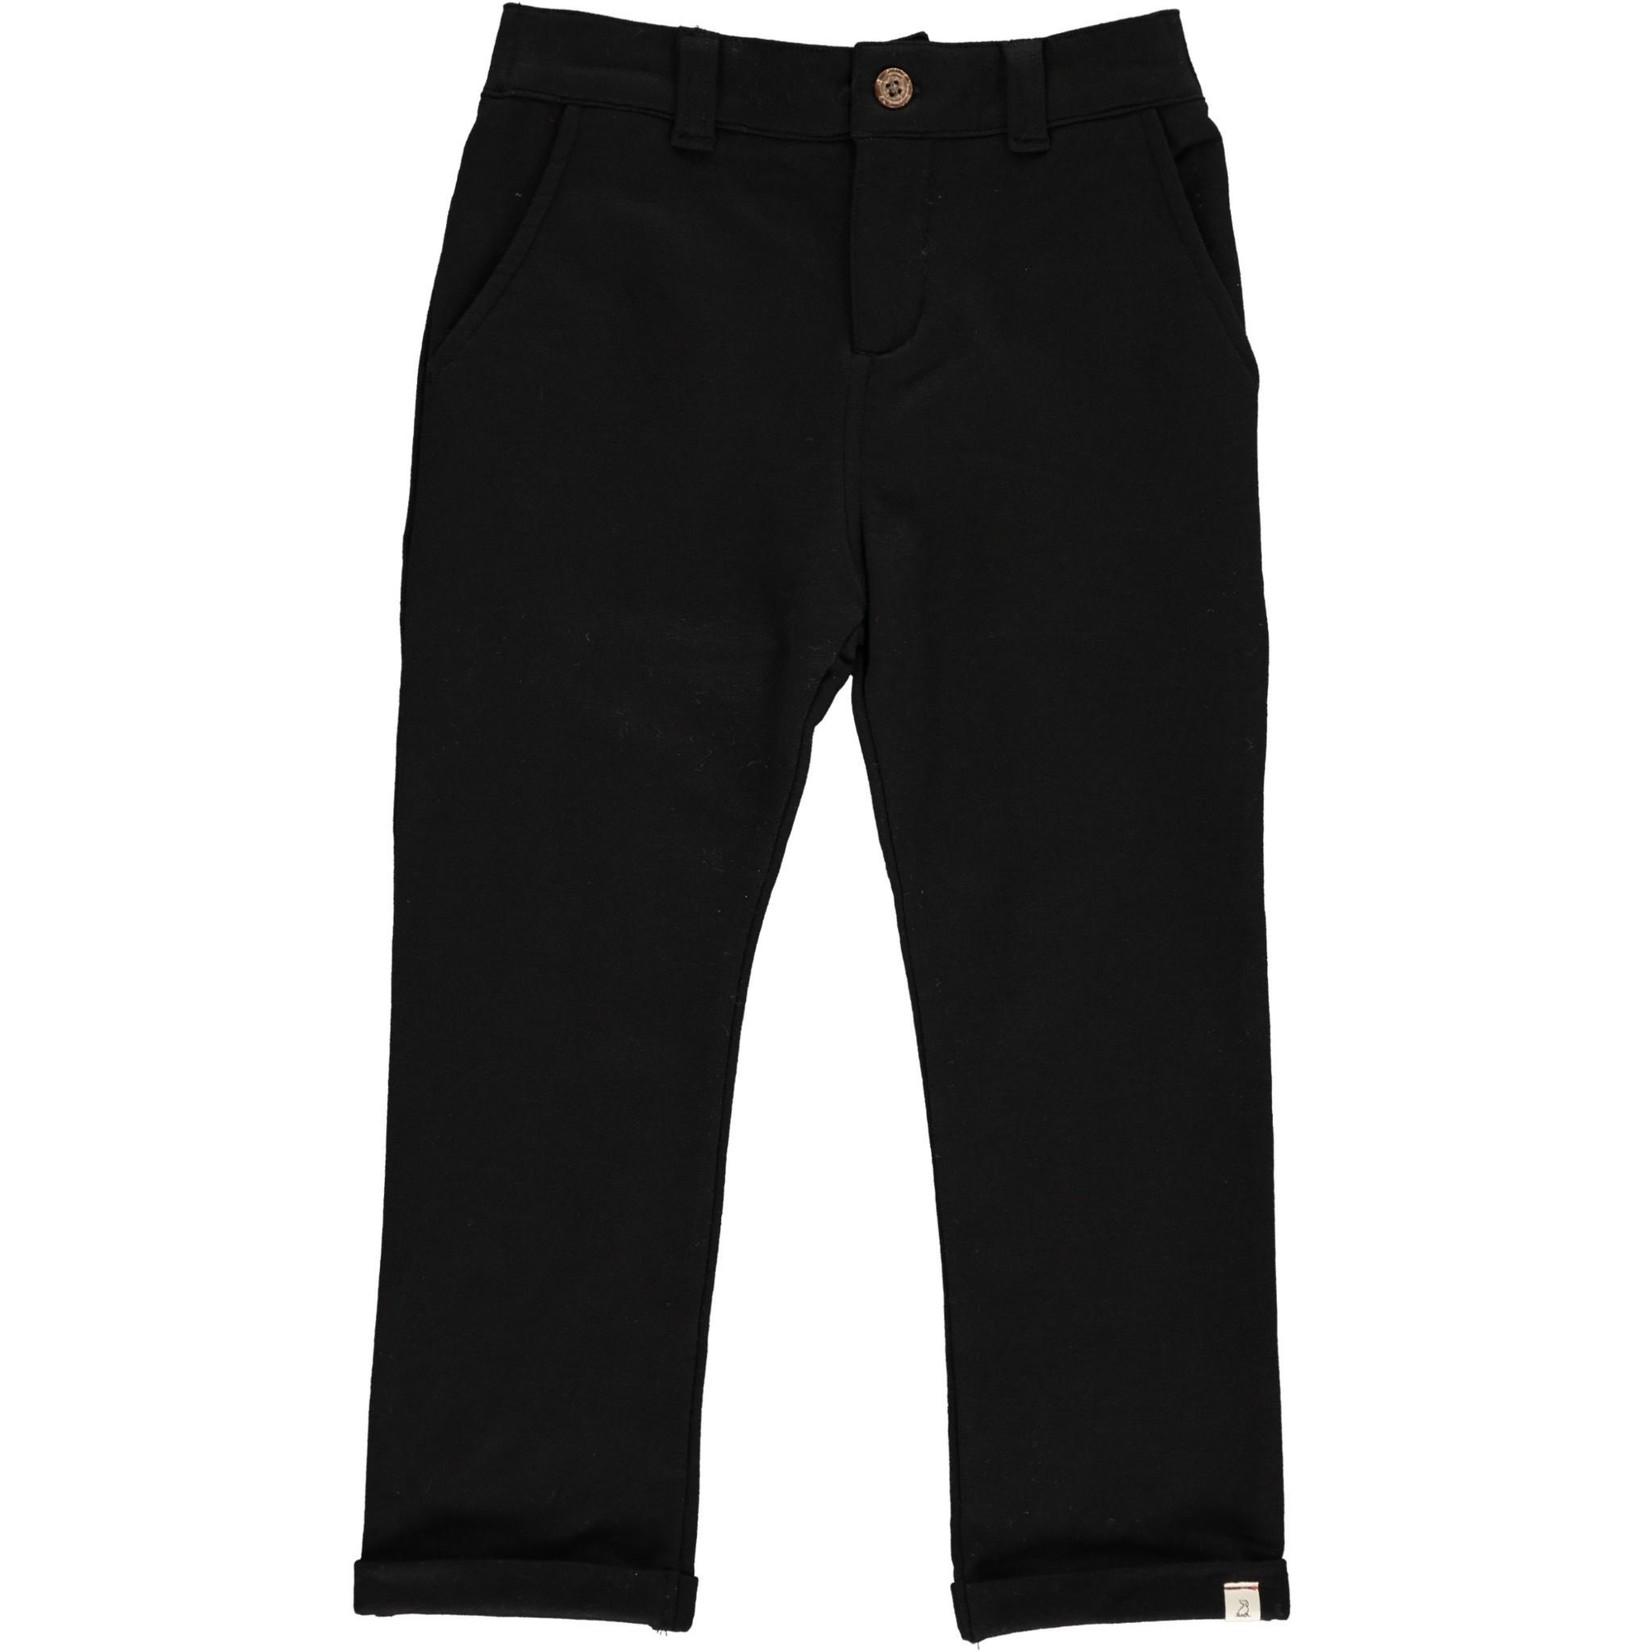 Me + Henry Jersey Boys Pant - Black